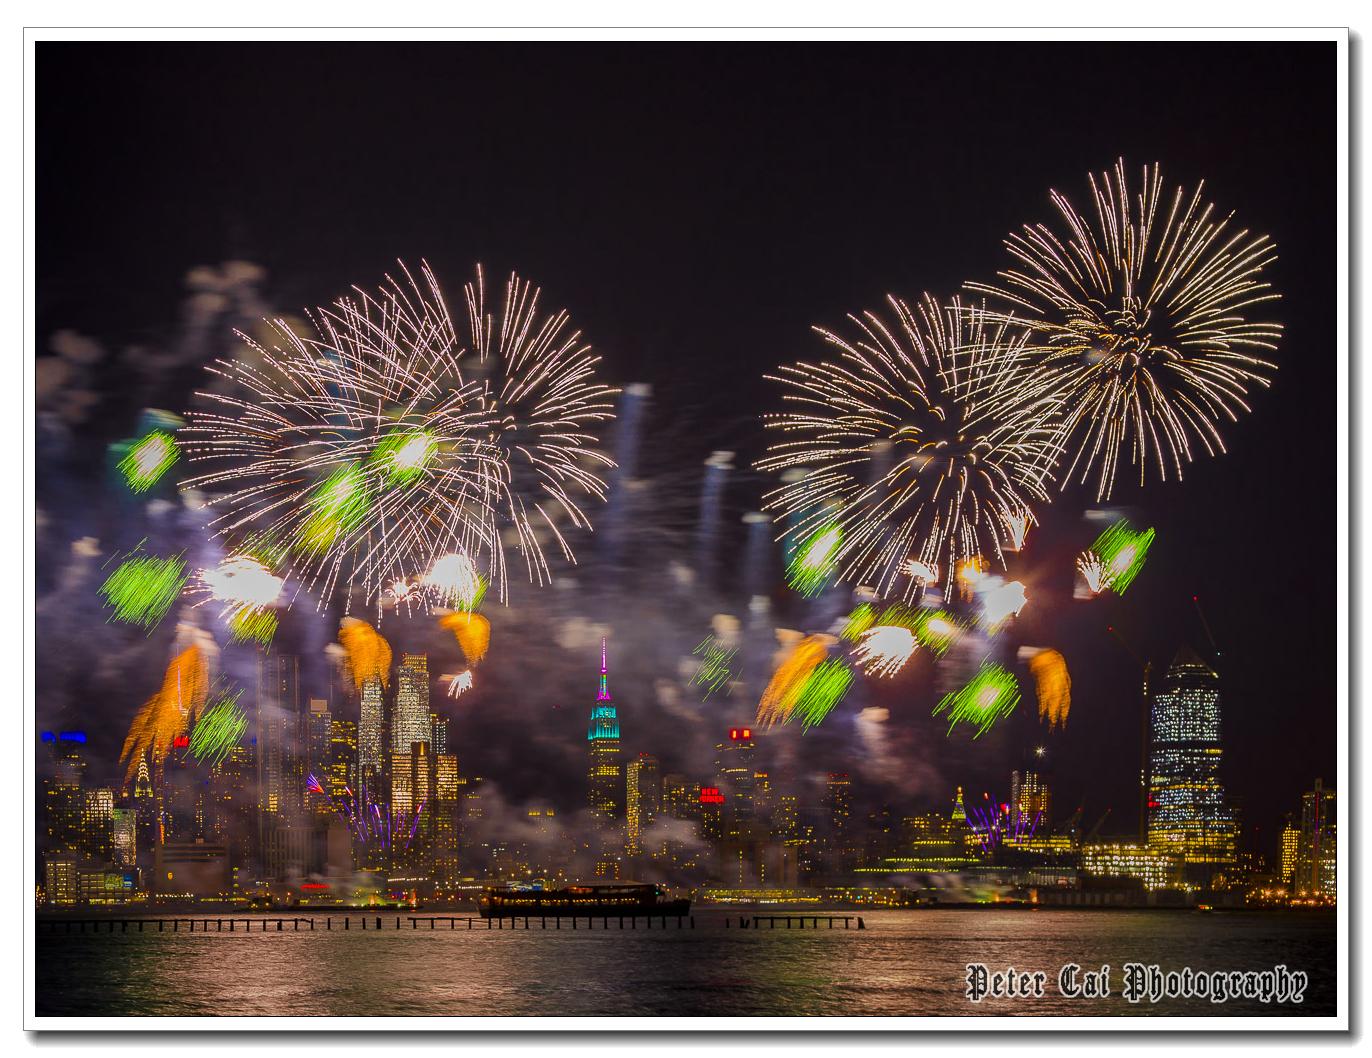 昨晚纽约施放焰火来庆祝中国猴年_图1-15